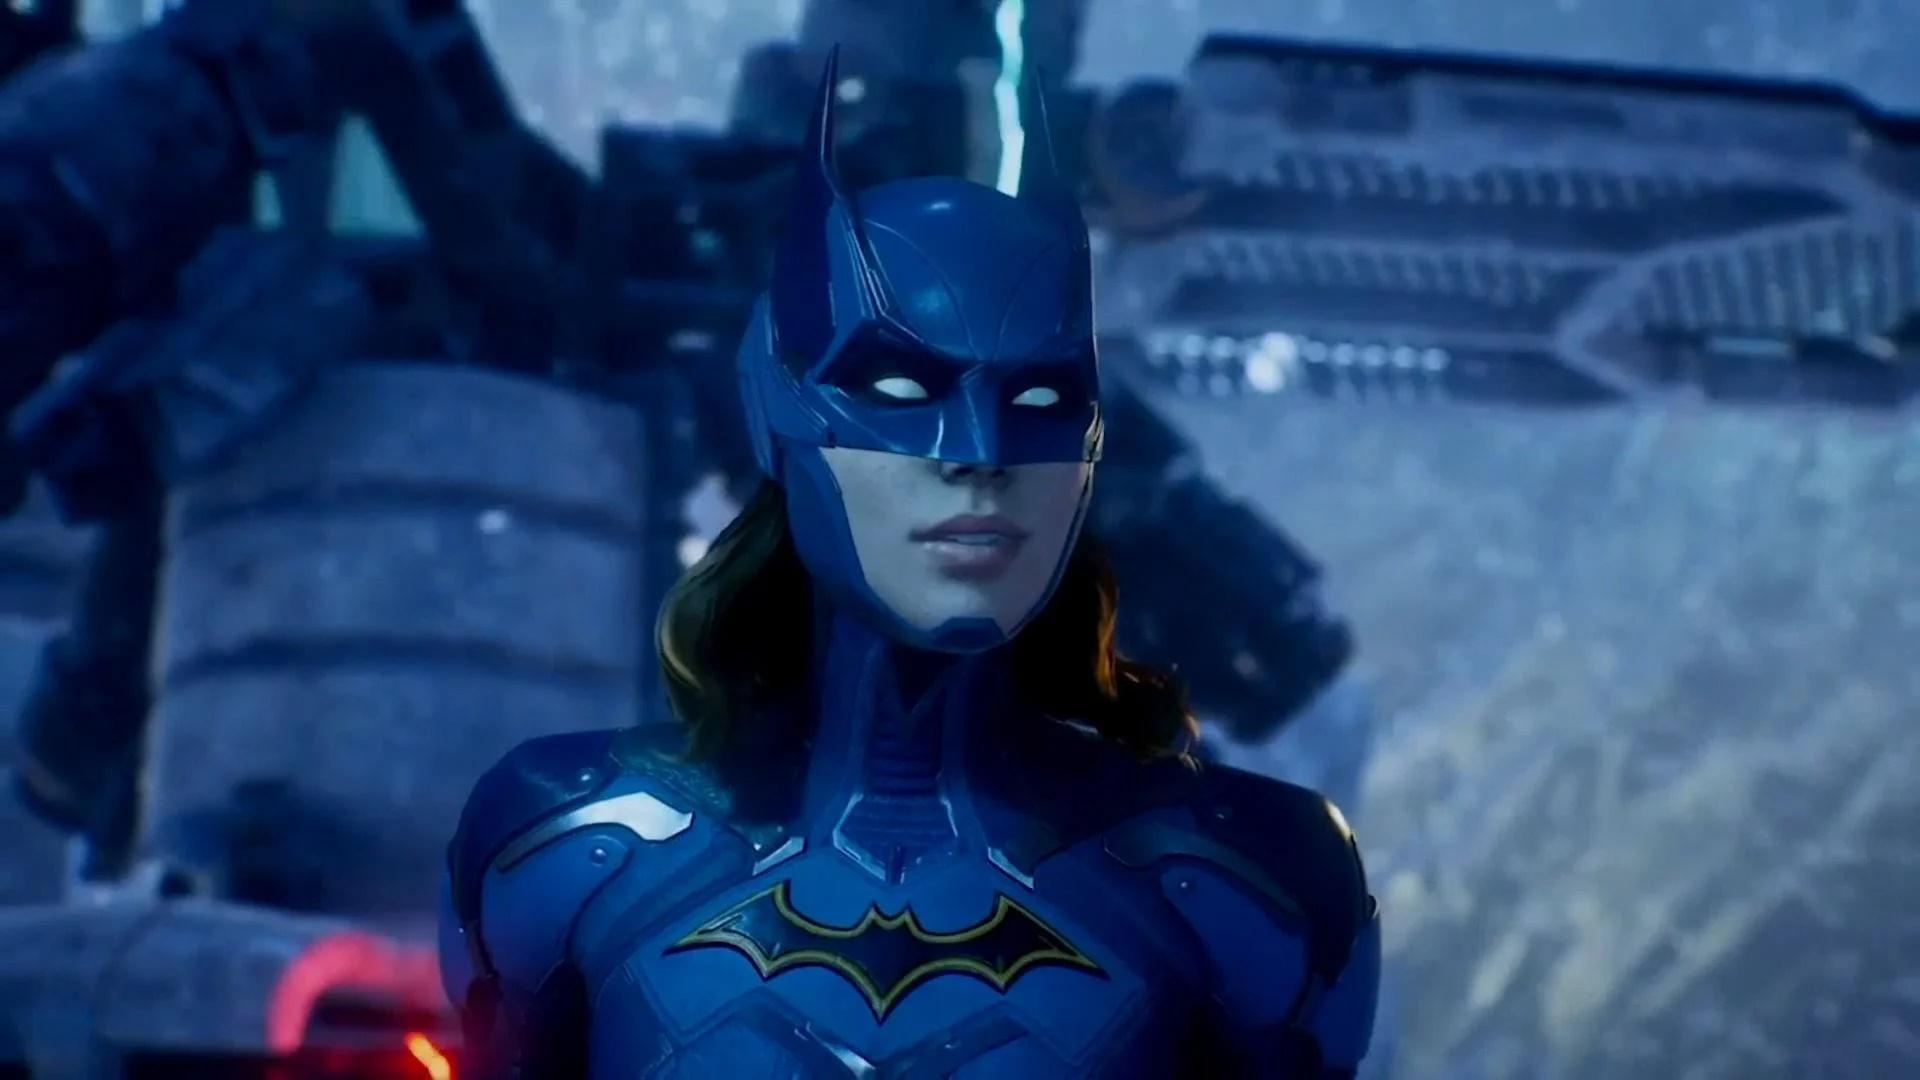 В Gotham Knights по улицам будут ходить мирные жители со своим распорядком дня